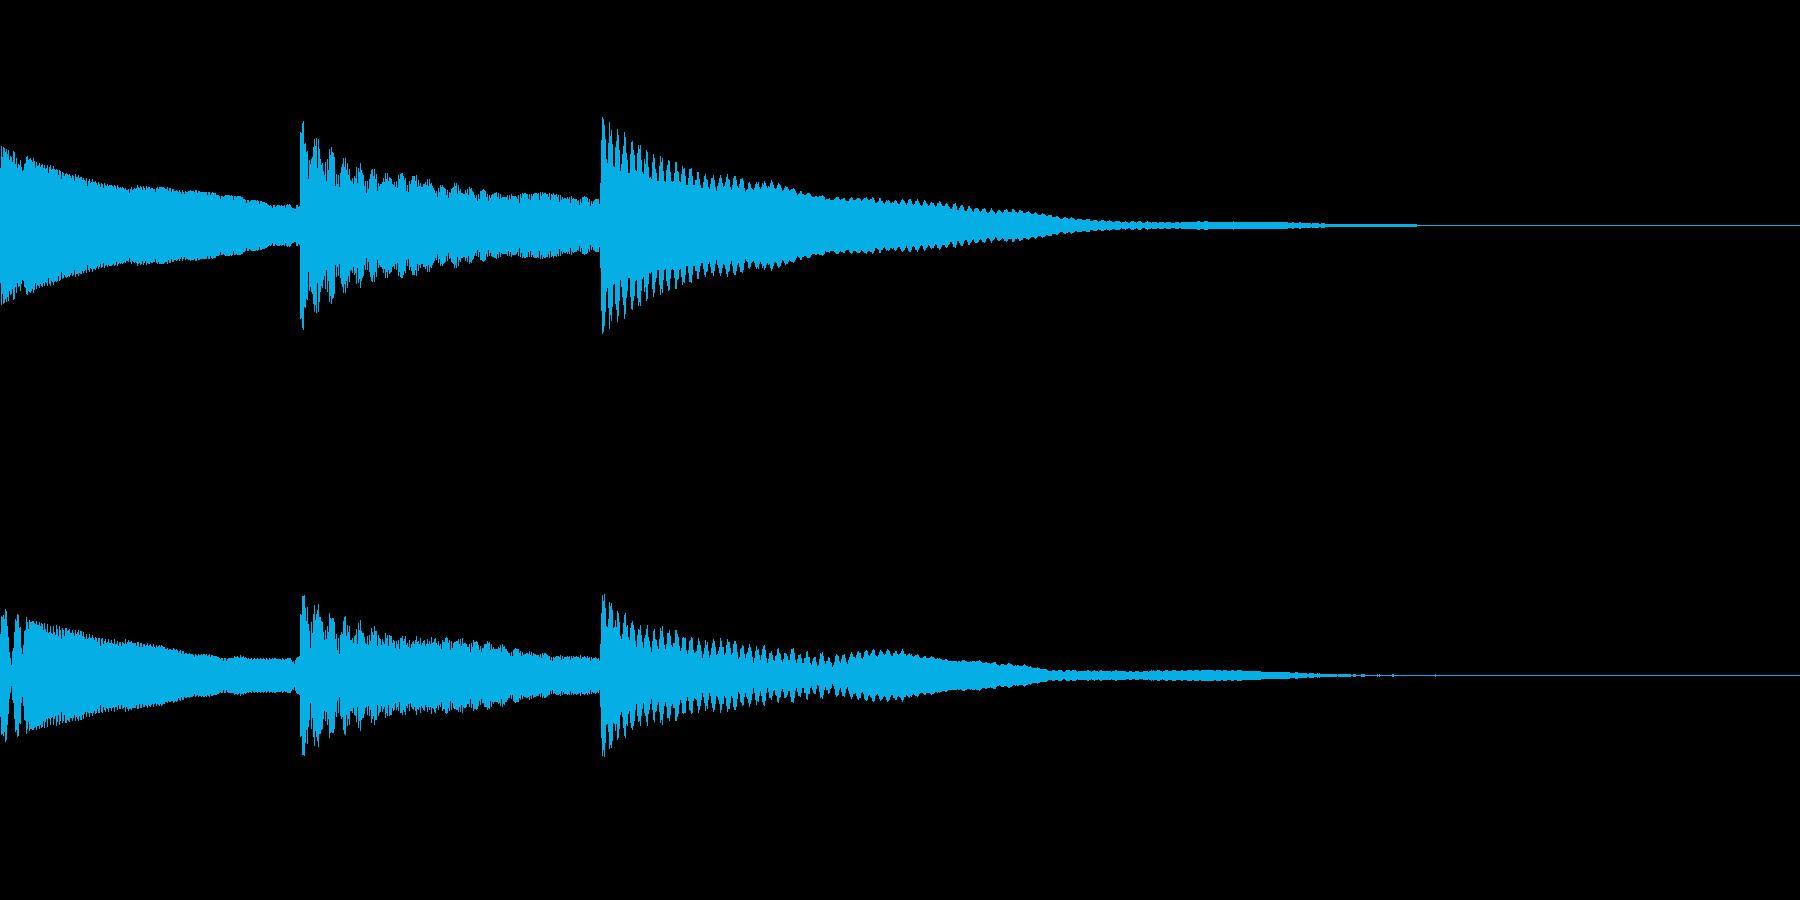 [効果音]ピンポンパン、着信音の再生済みの波形